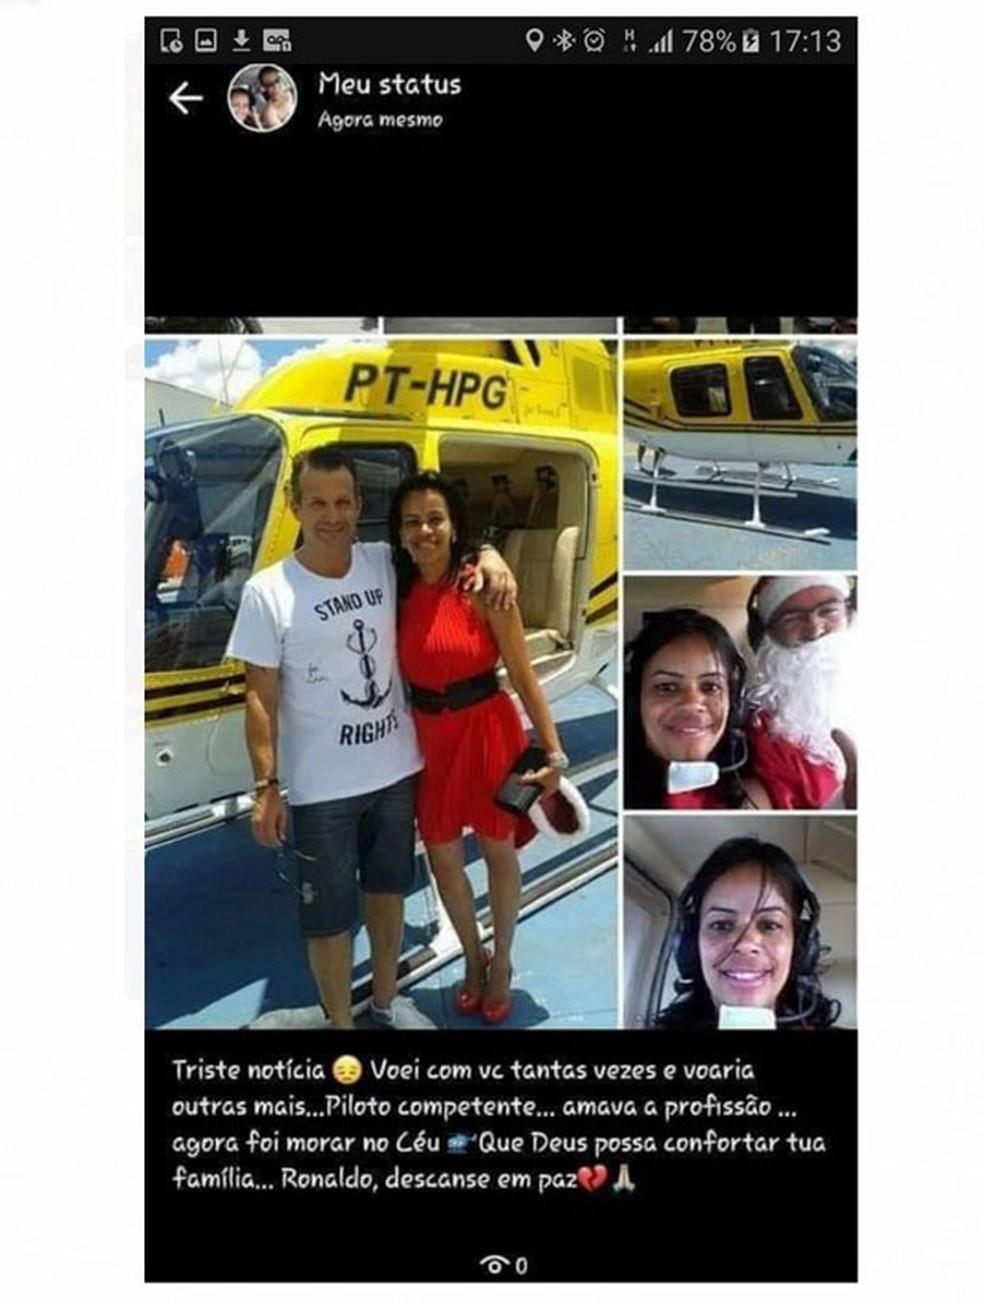 Fabiana Almeida postou fotos em homenagem a Ronaldo, que a levou de helicóptero como Mamãe-Noel — Foto: Divulgação/Arquivo pessoal